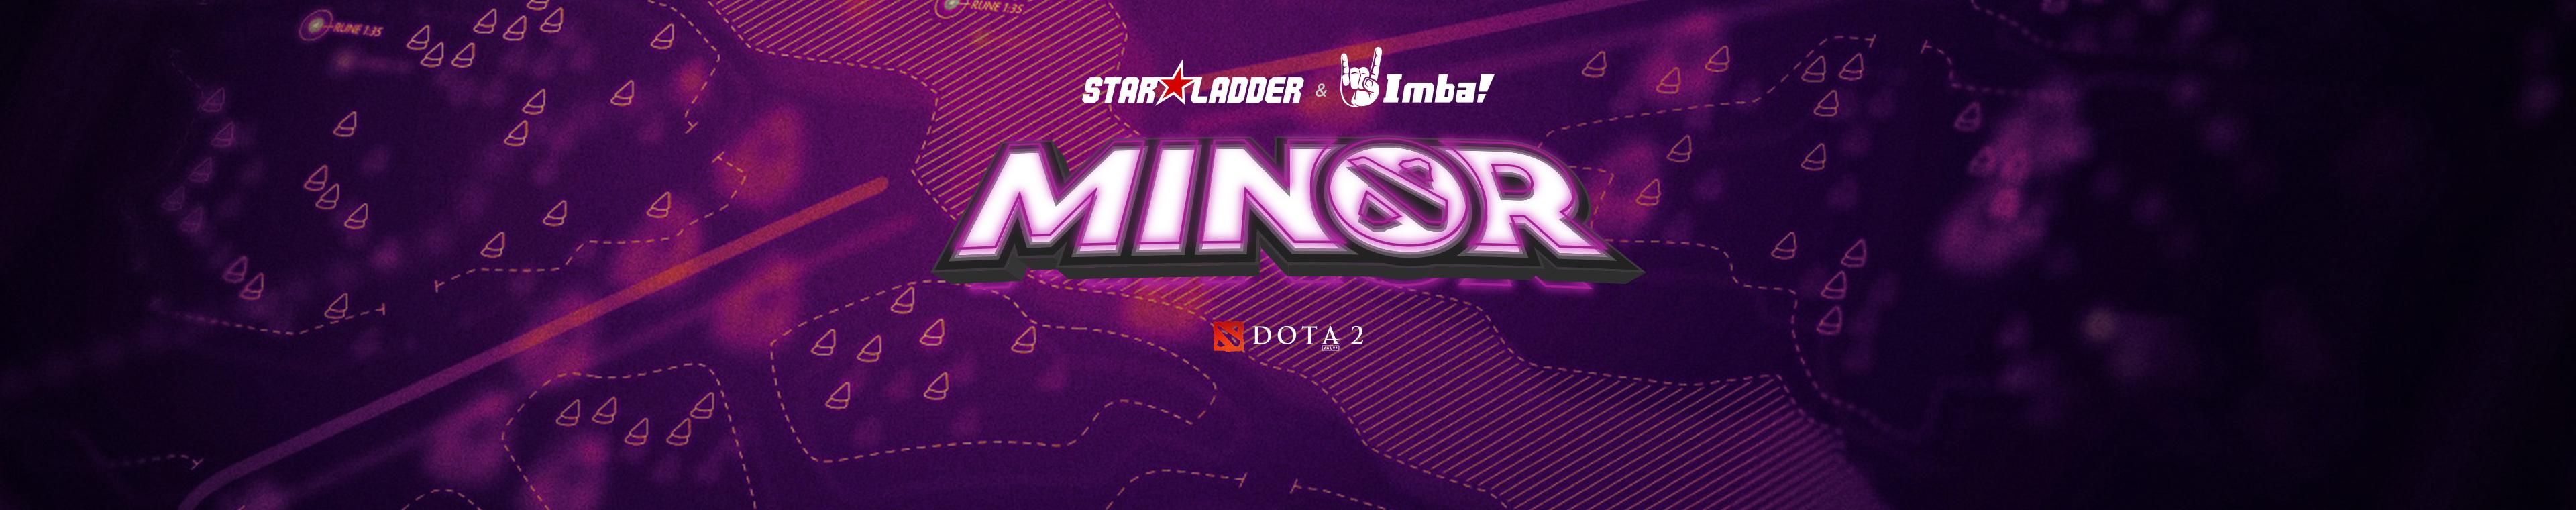 StarLadder ImbaTV Dota 2 Minor